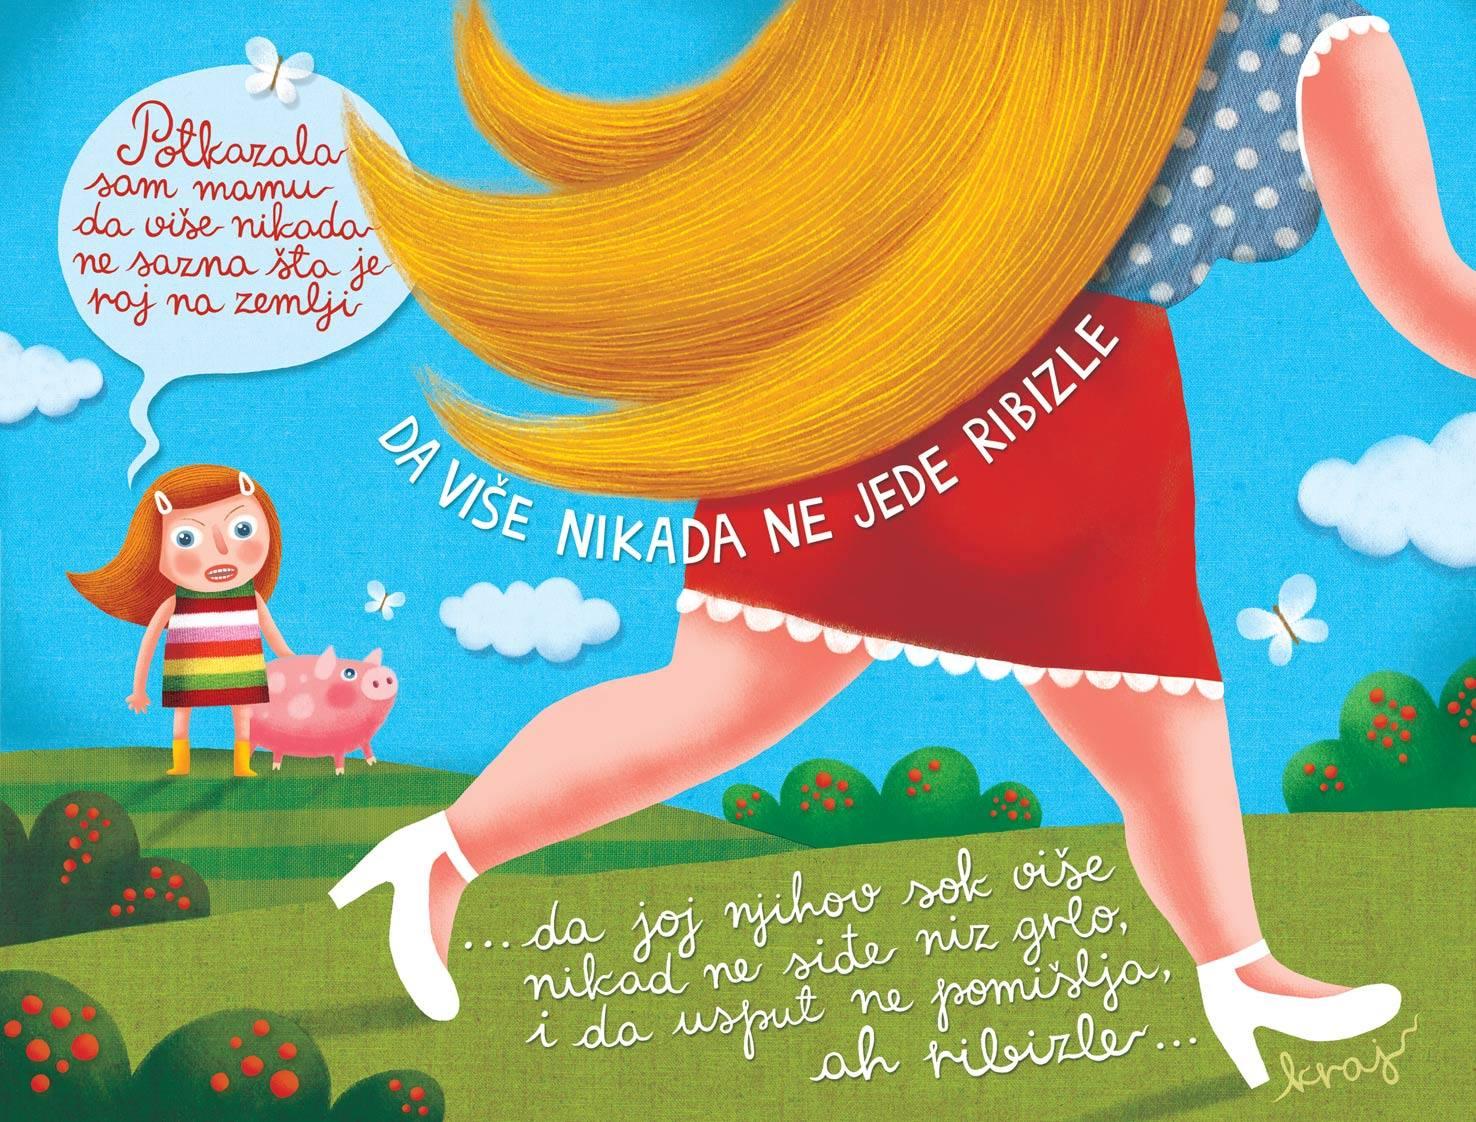 O, a ribiszke! c kisprozamnak kepregenyes valtozata_Maja Veselinovic belgradi kepzomuvesz munkaja 2.jpg